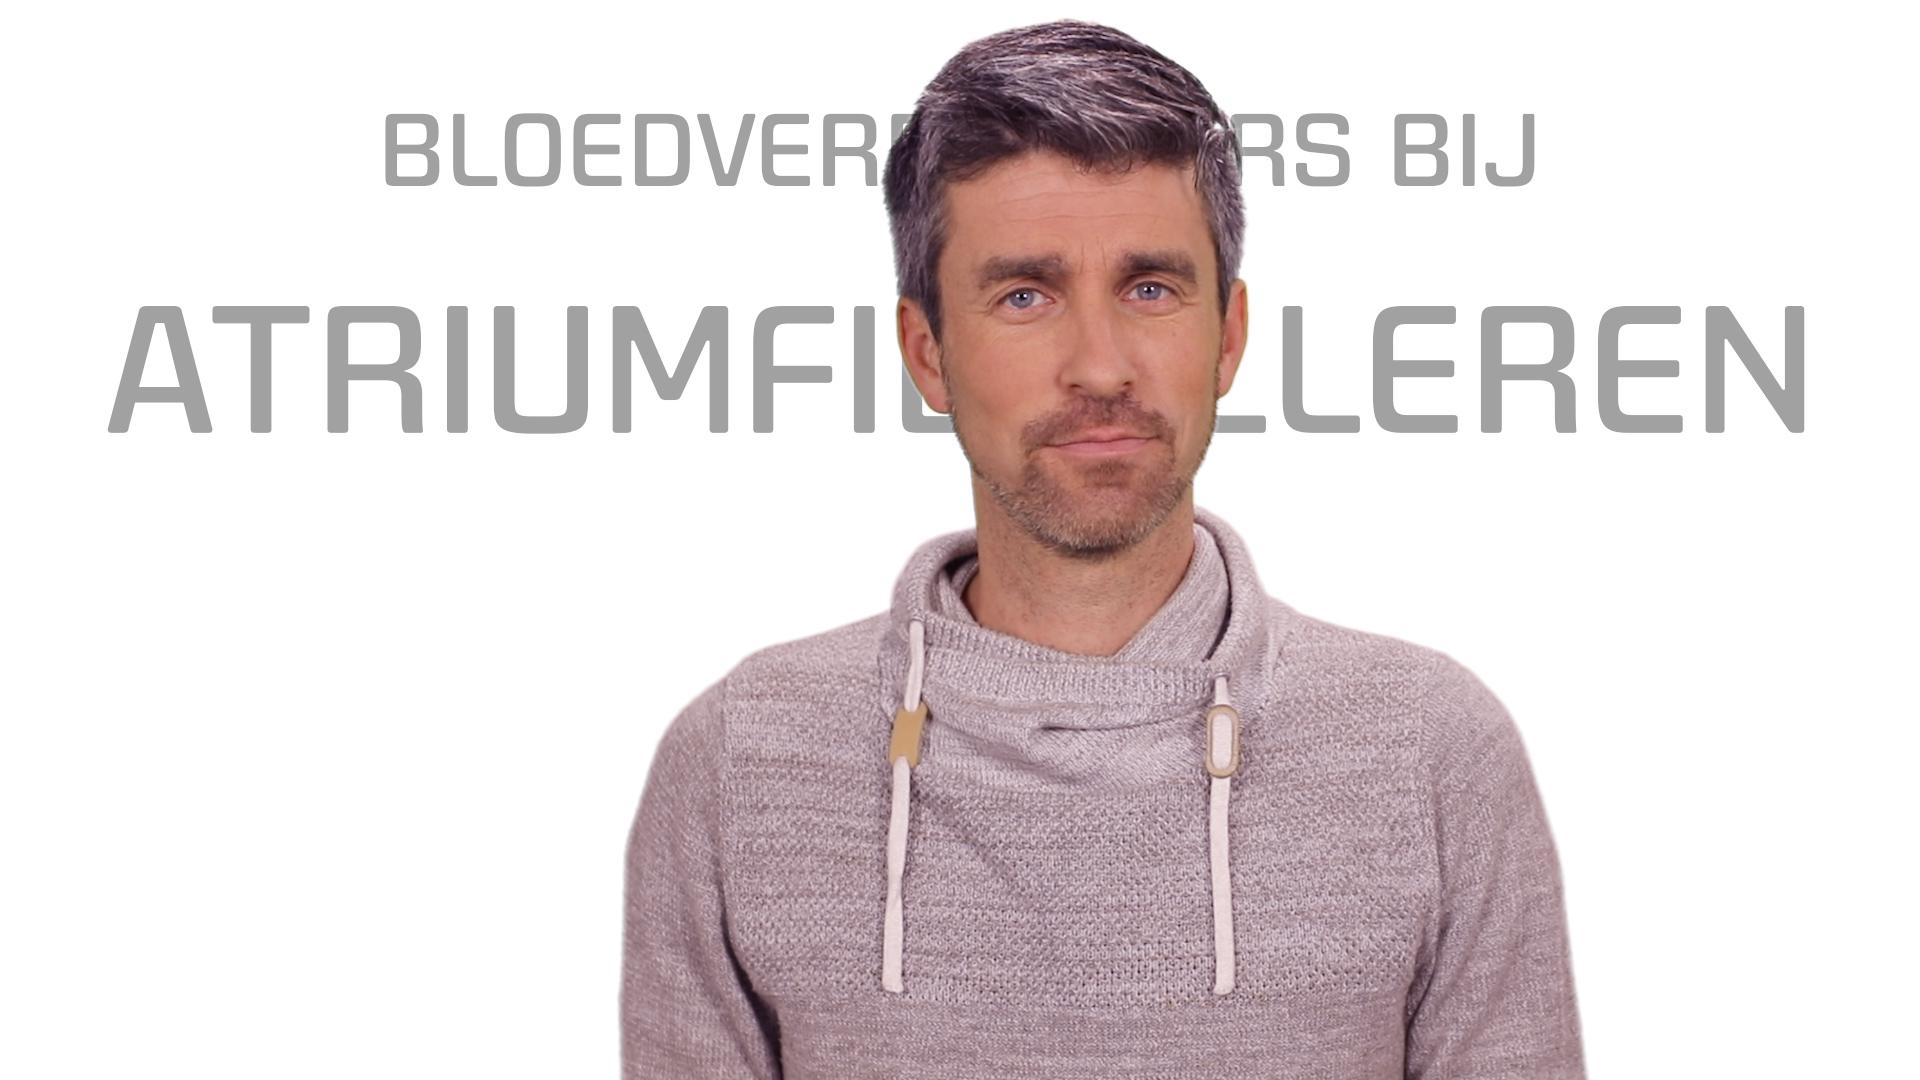 Bekijk de video: Bloedverdunners bij atriumfibrilleren